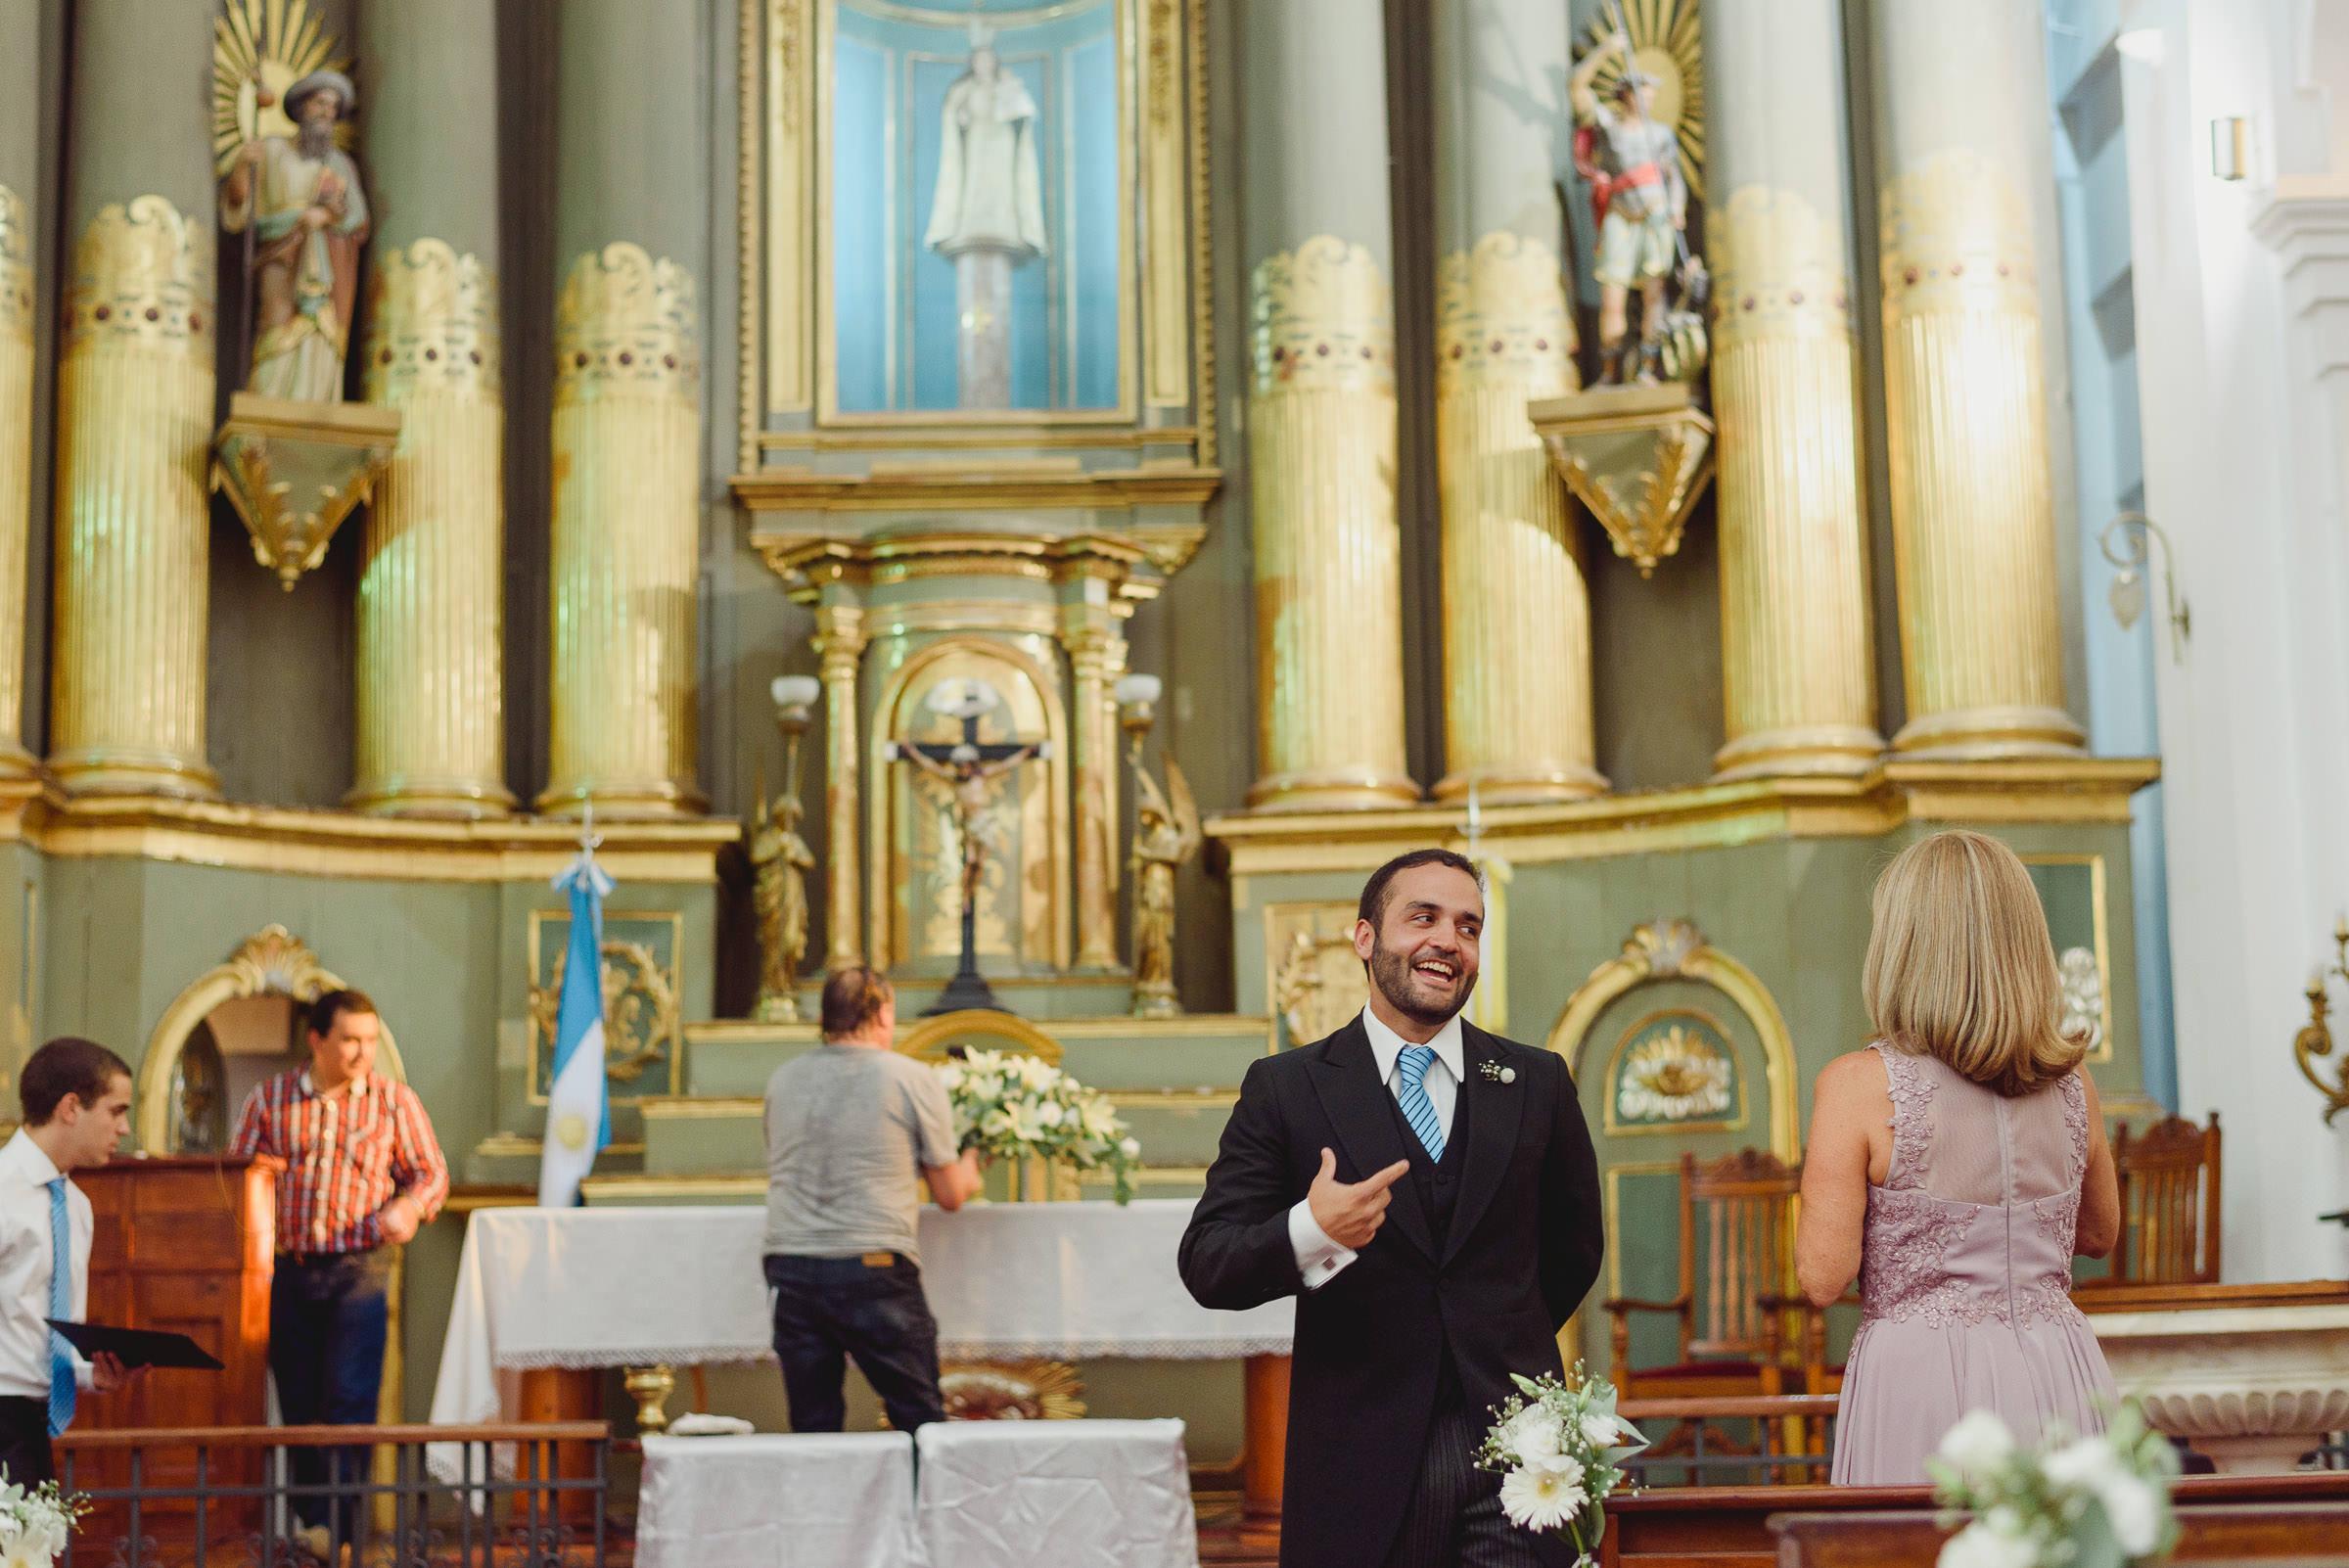 Parroquia Nuestra Señora de Pilar009.JPG